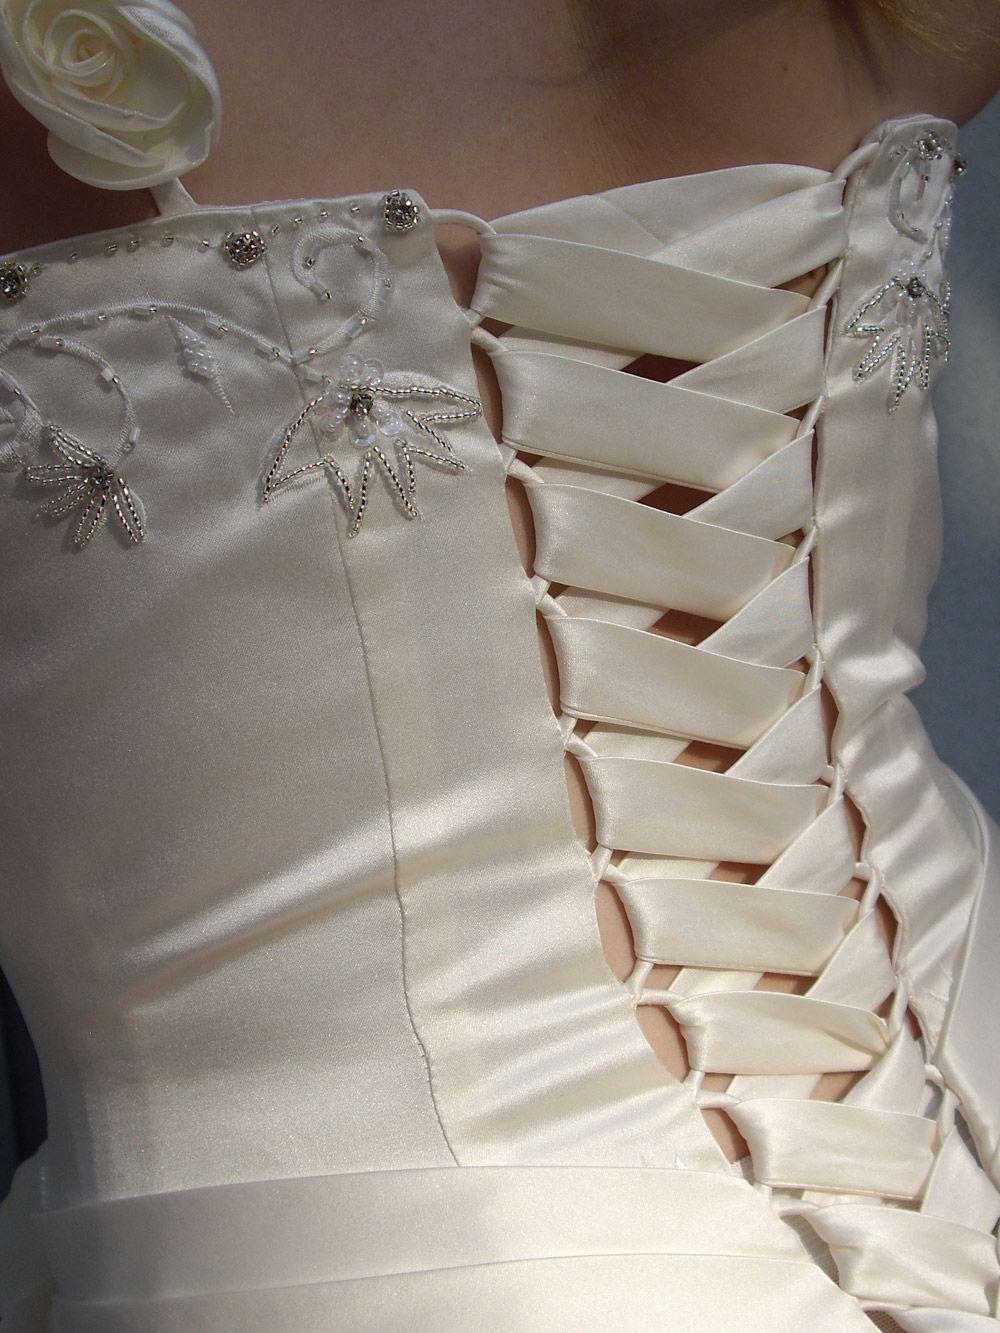 Die Brautkleid-Schnürung eines maßgeschneiderten Korsagen Brautkleid ...